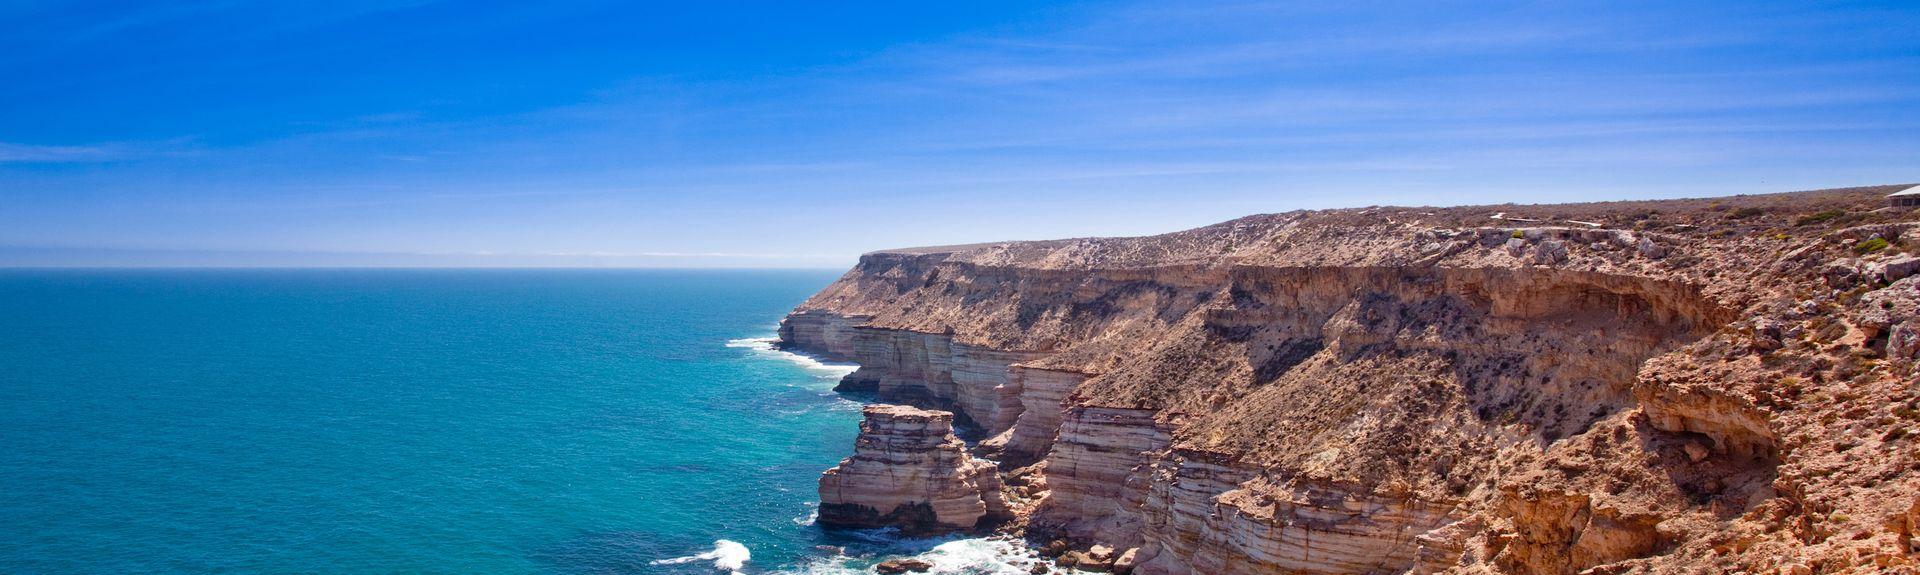 Australie-Occidentale, Australie